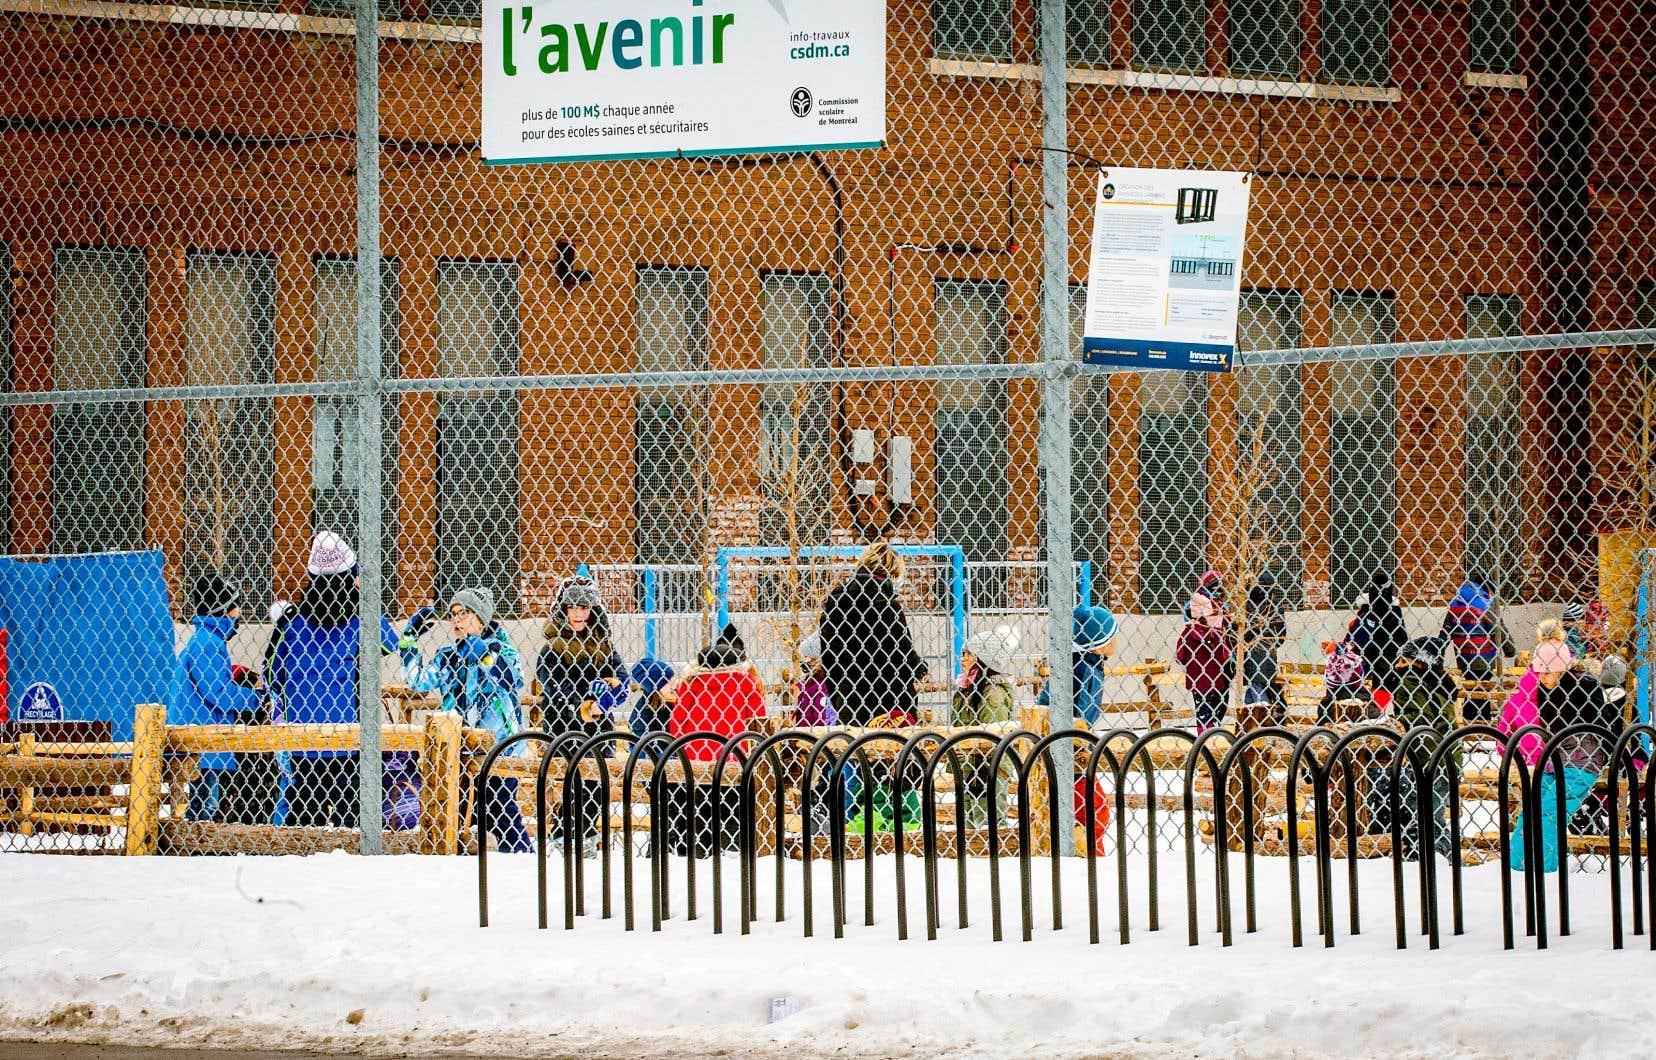 La Centrale des syndicats du Québec (CSQ) et ses fédérations scolairesexigent entre autres de fermer les locaux des écoles qui ne sont pas ventilés, de retirer immédiatement les femmes enceintes des établissements et de constituer un calendrier d'entretien et de tests, qui serait rendu public.